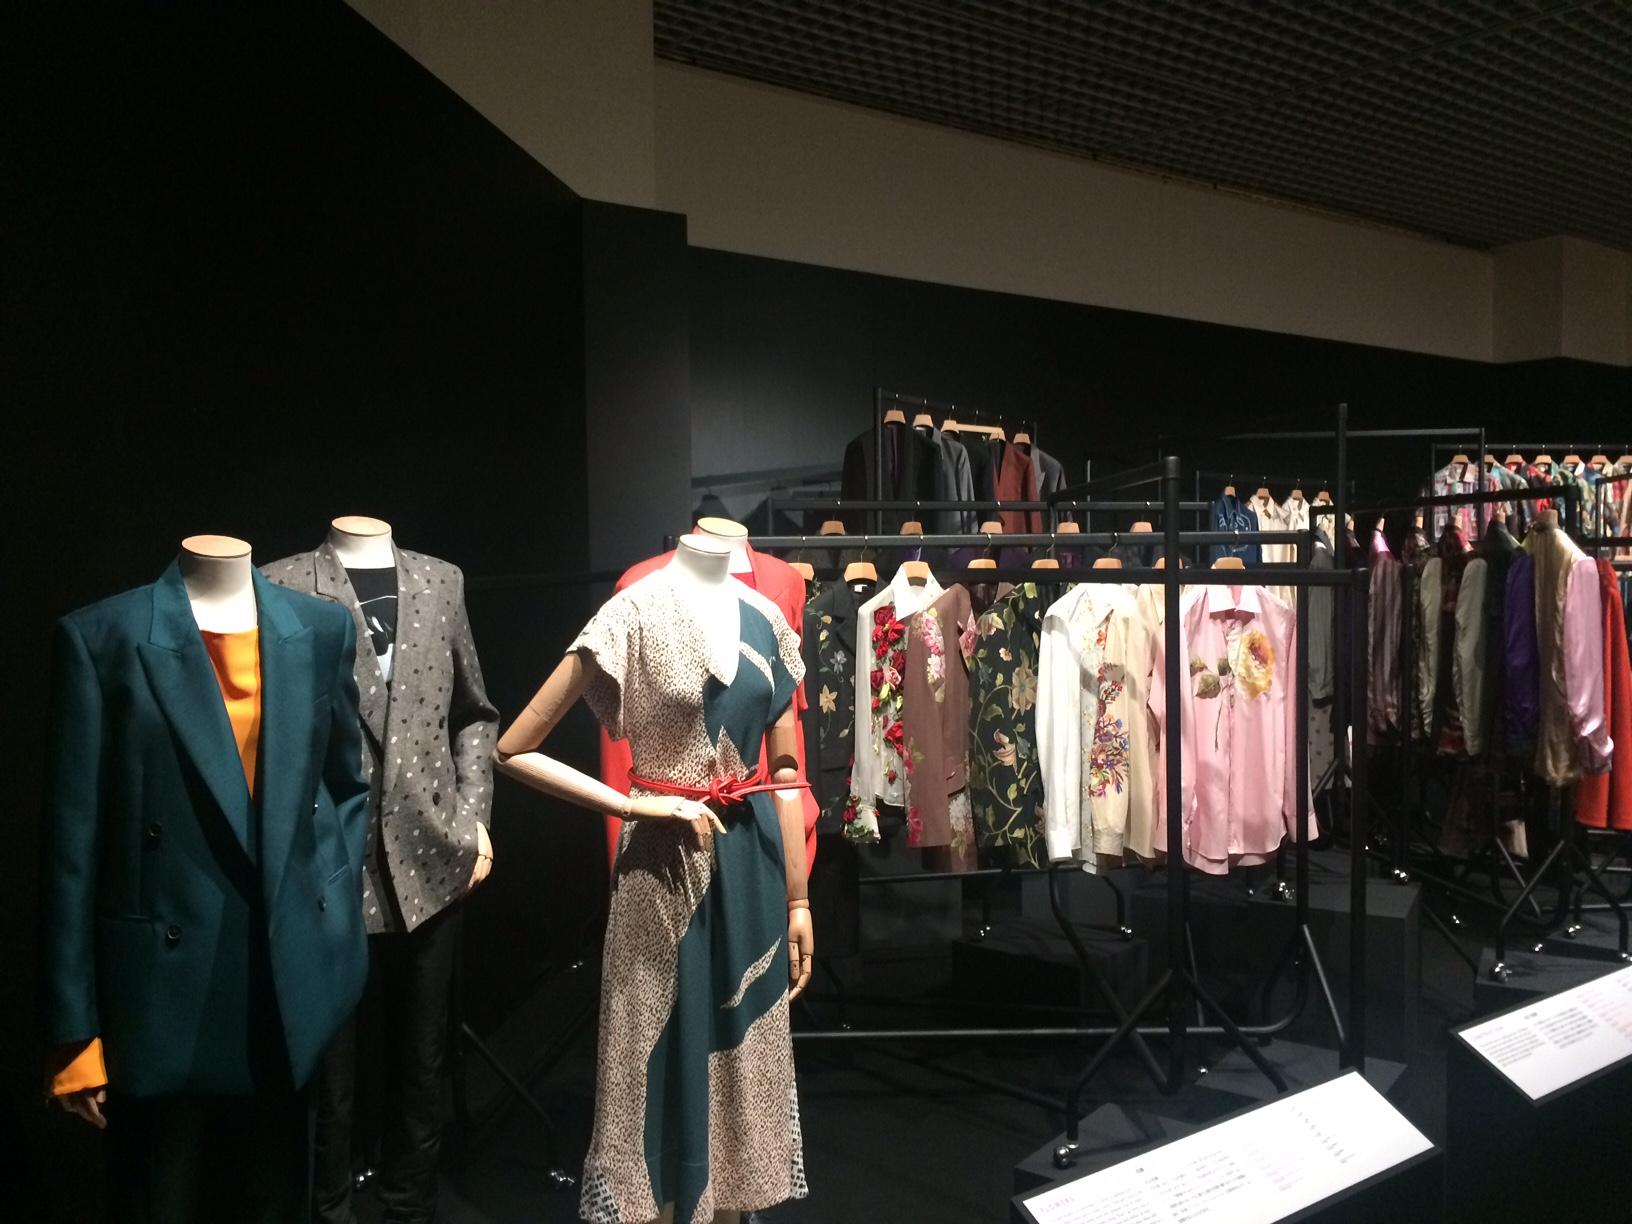 ポール・スミス展 ファッション